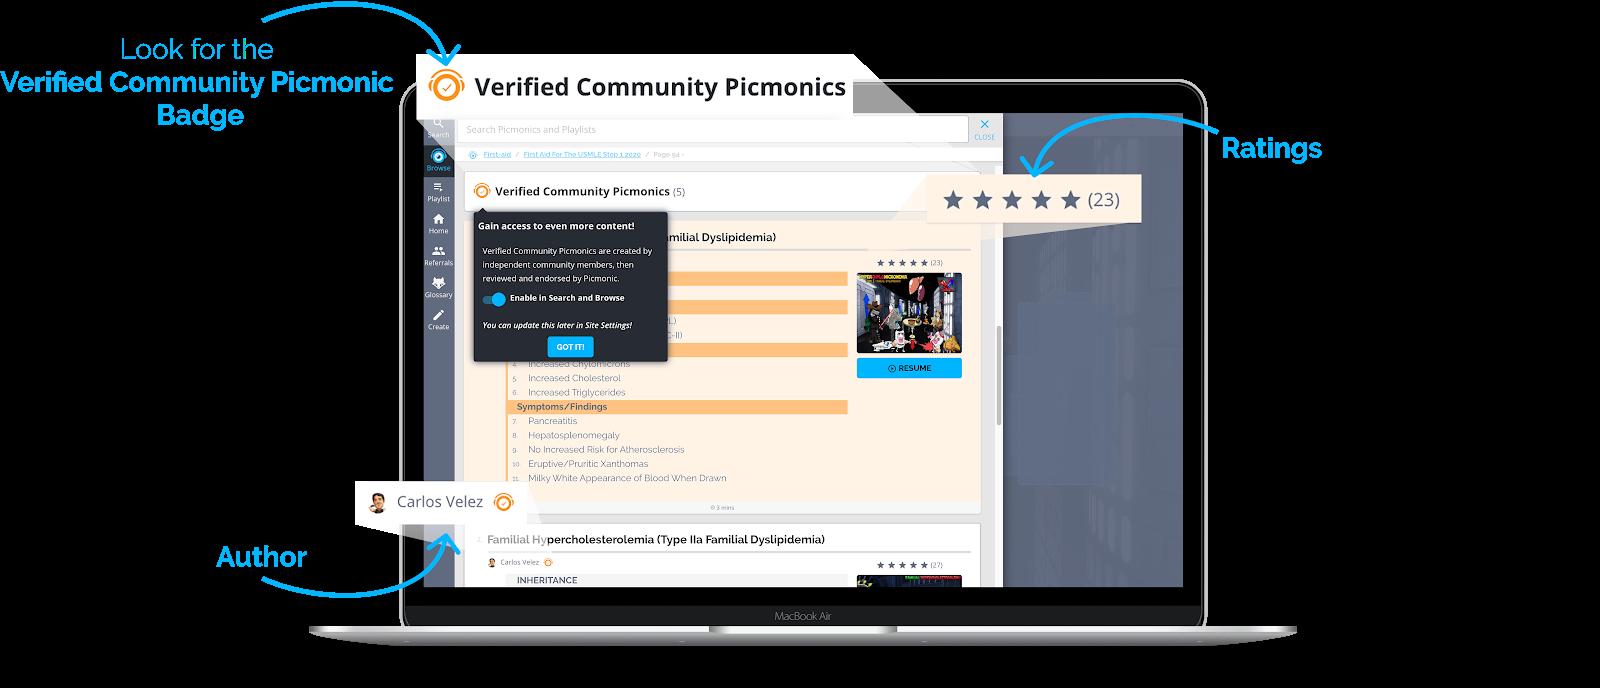 Verified Community Picmonics